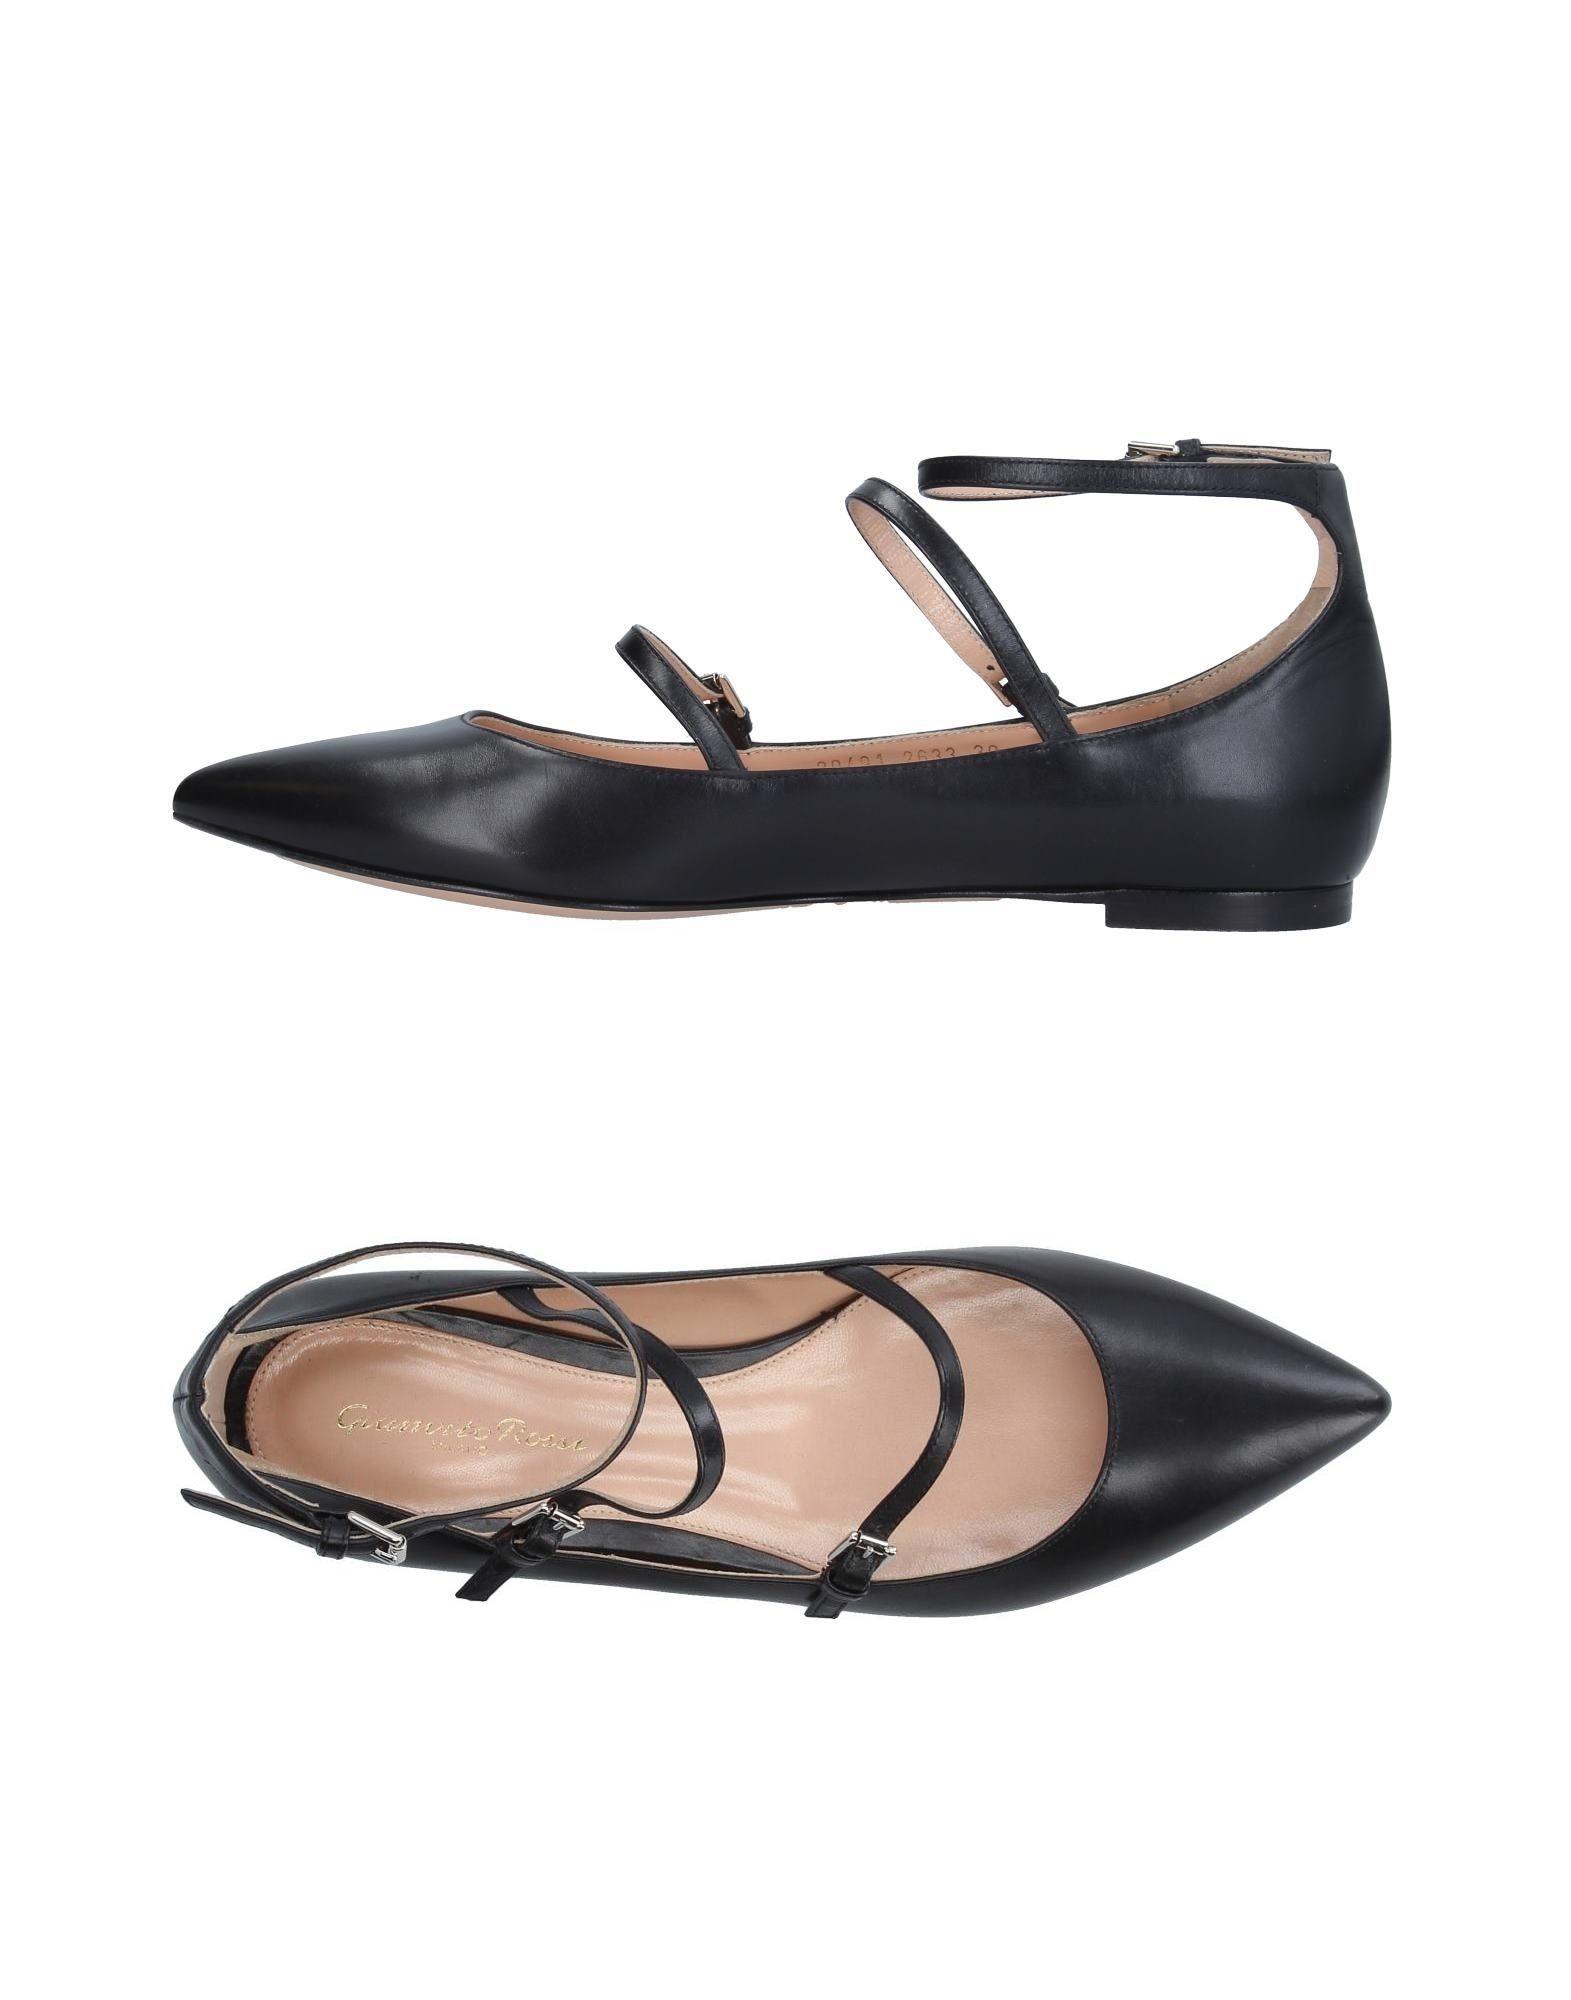 Gianvito Rossi Gianvito Ballet Flats - Women Gianvito Rossi Rossi Ballet Flats online on  Australia - 11317060UL e500a9